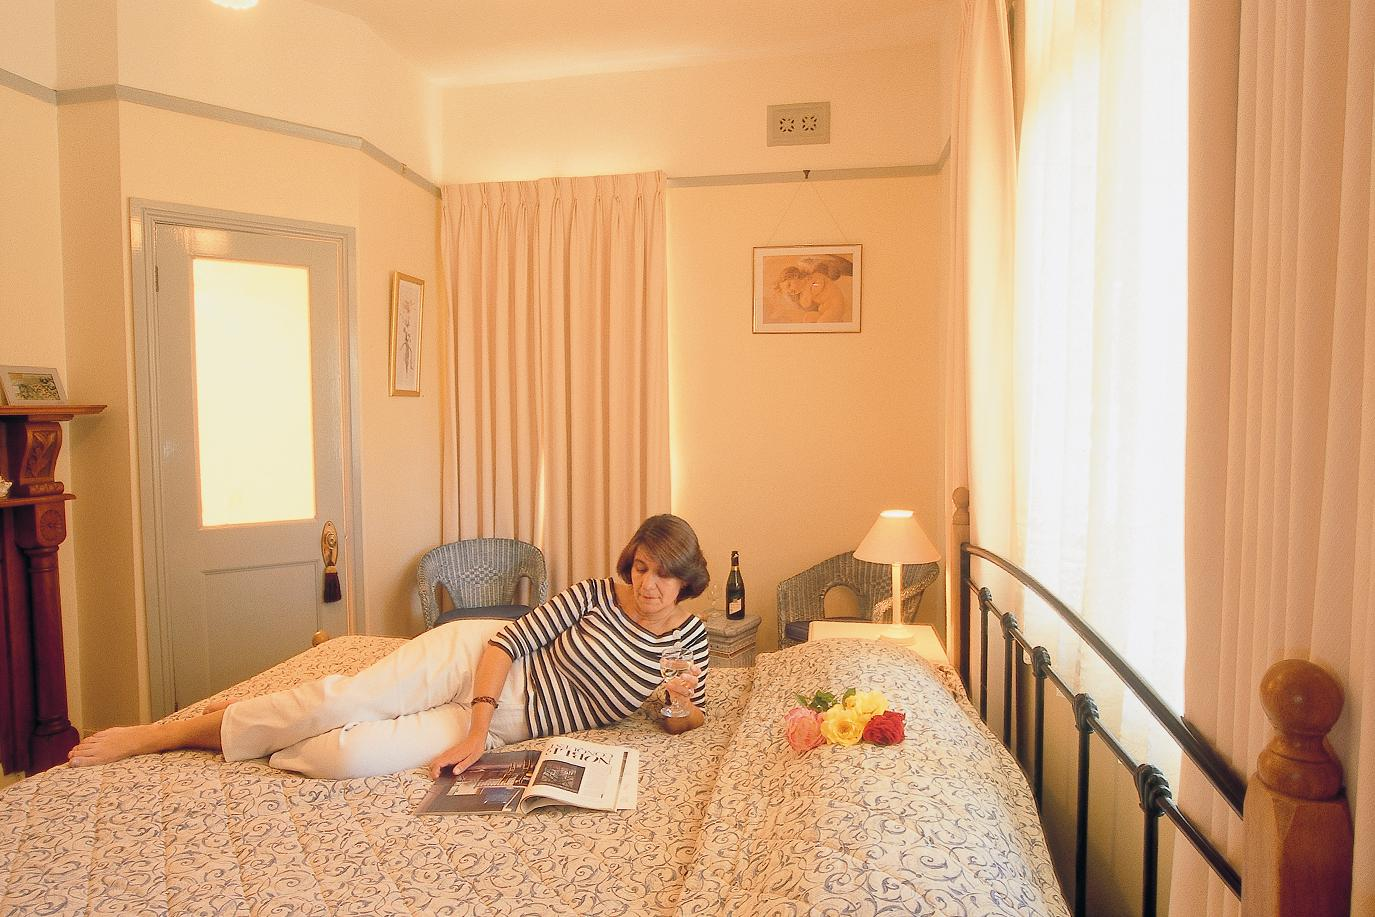 Miss Annie's bedroom